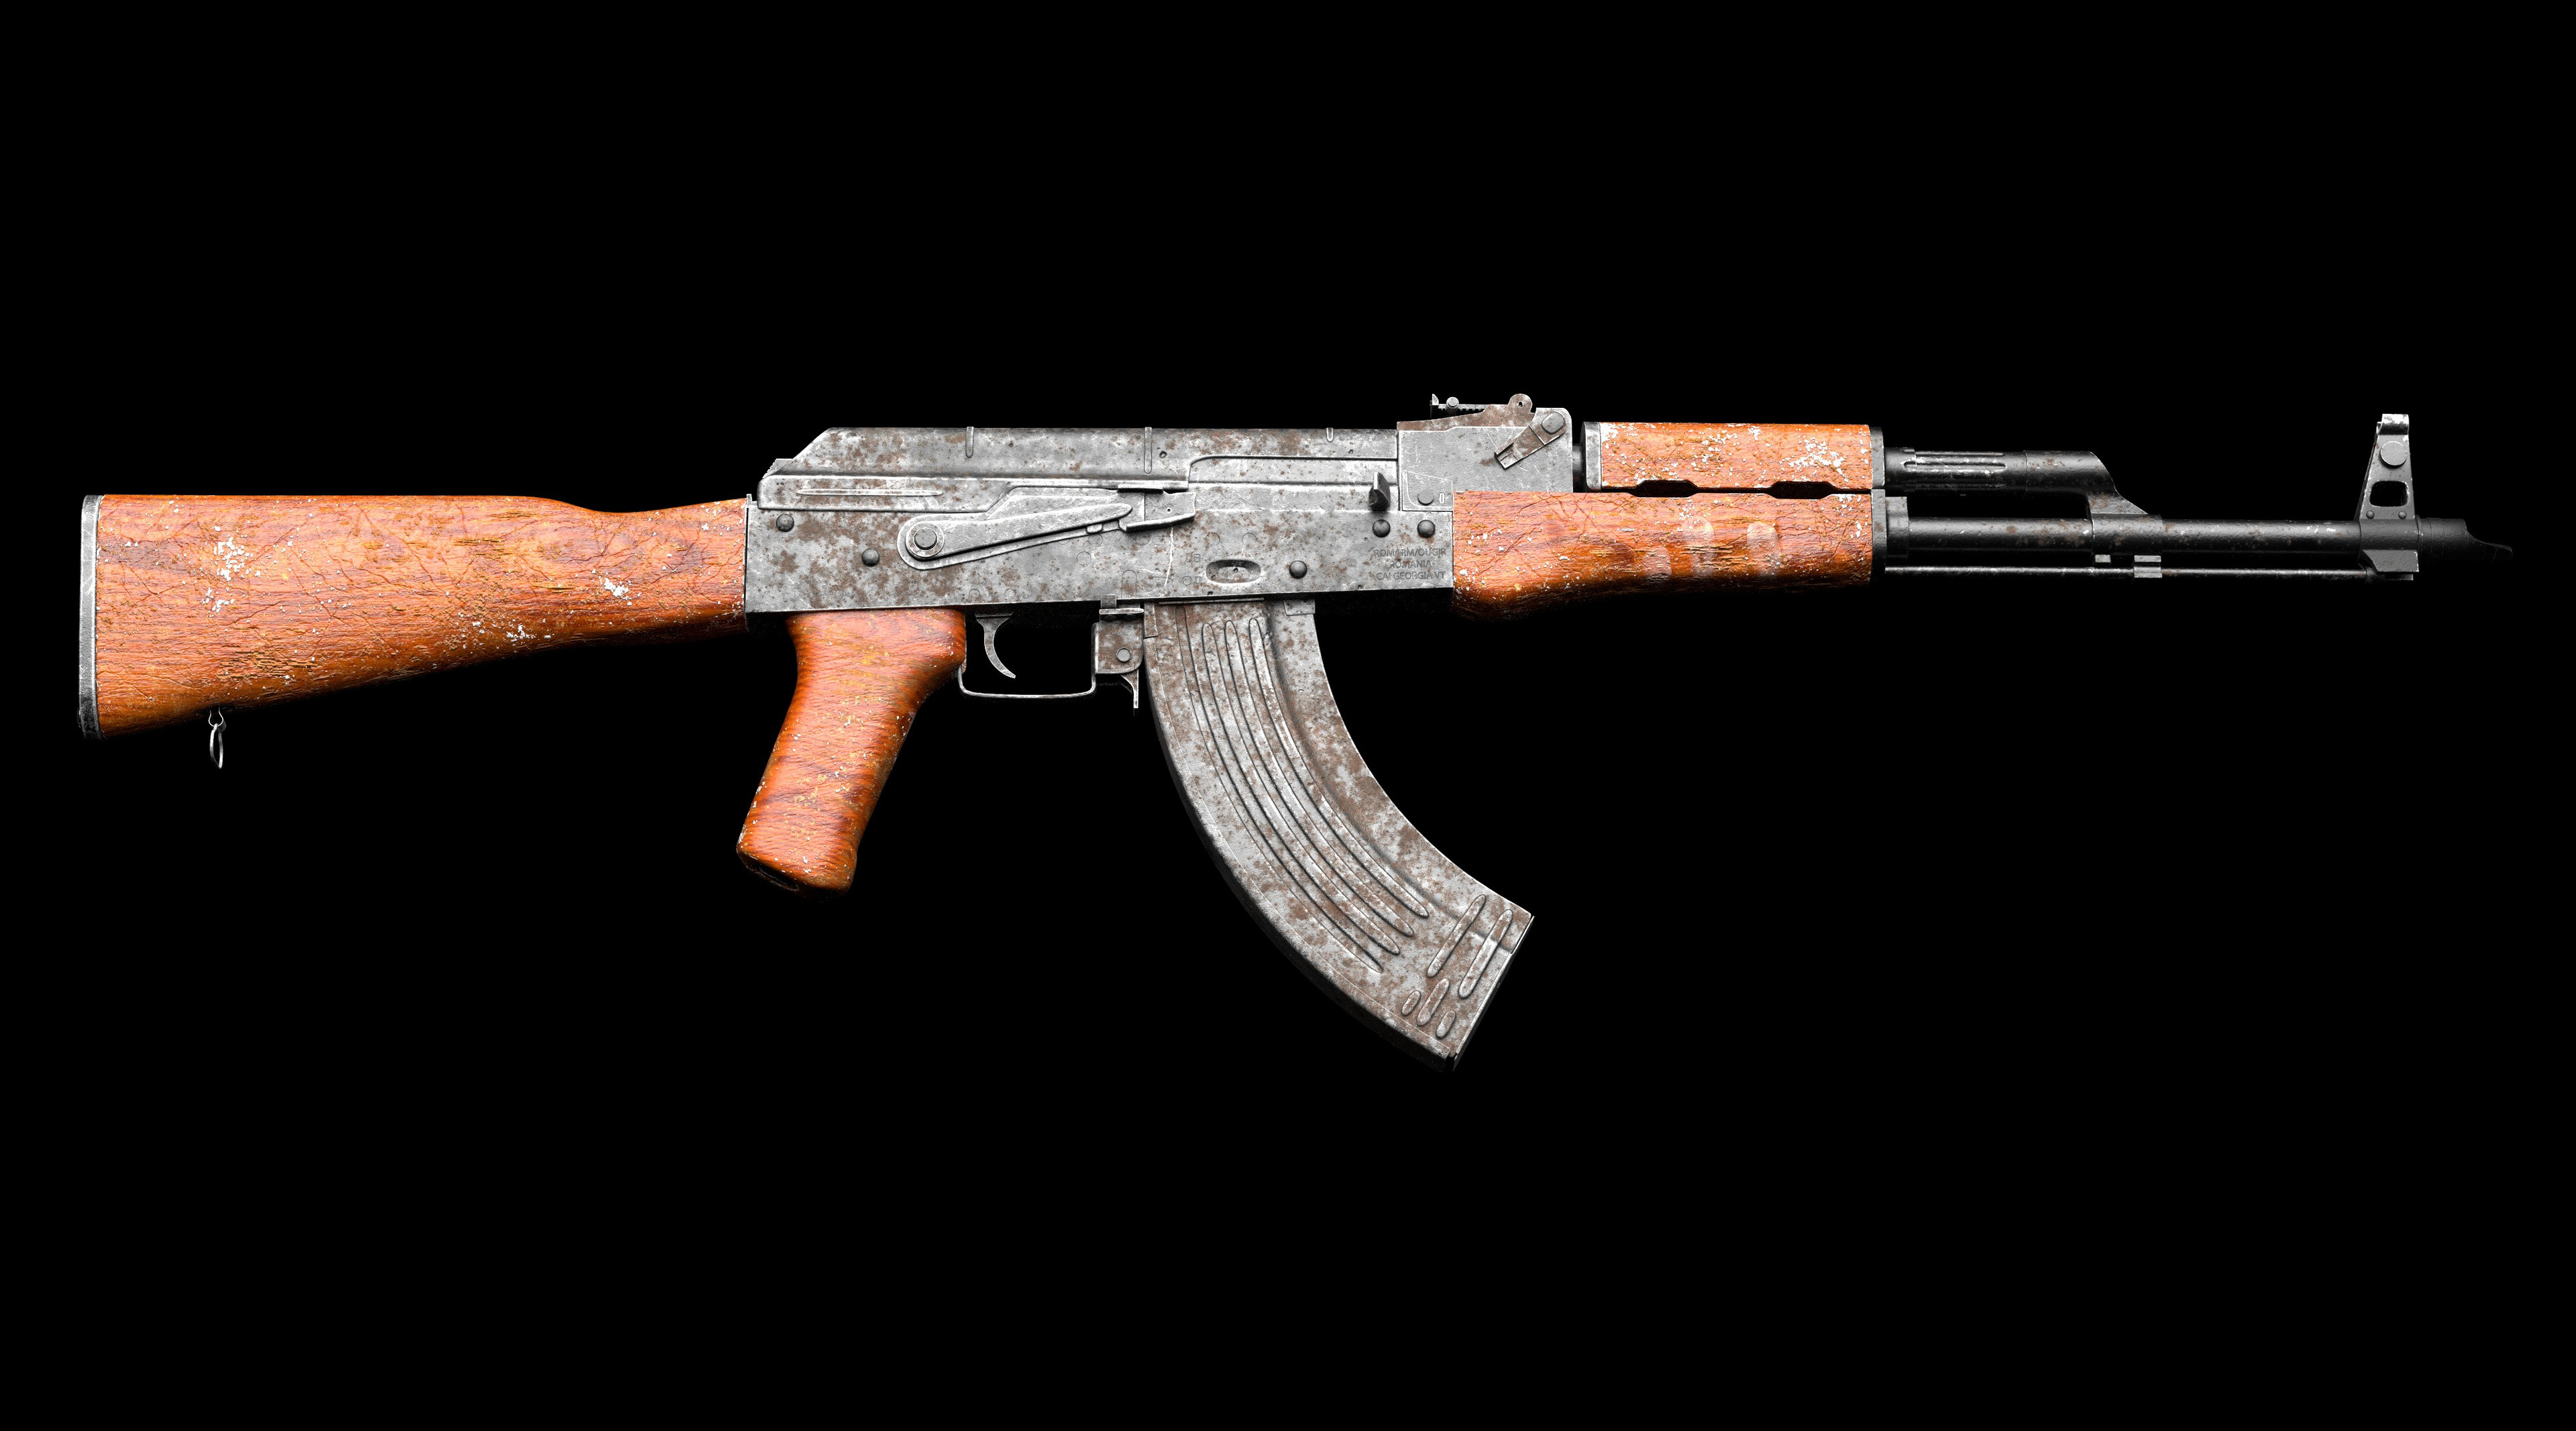 AKM textured in SP